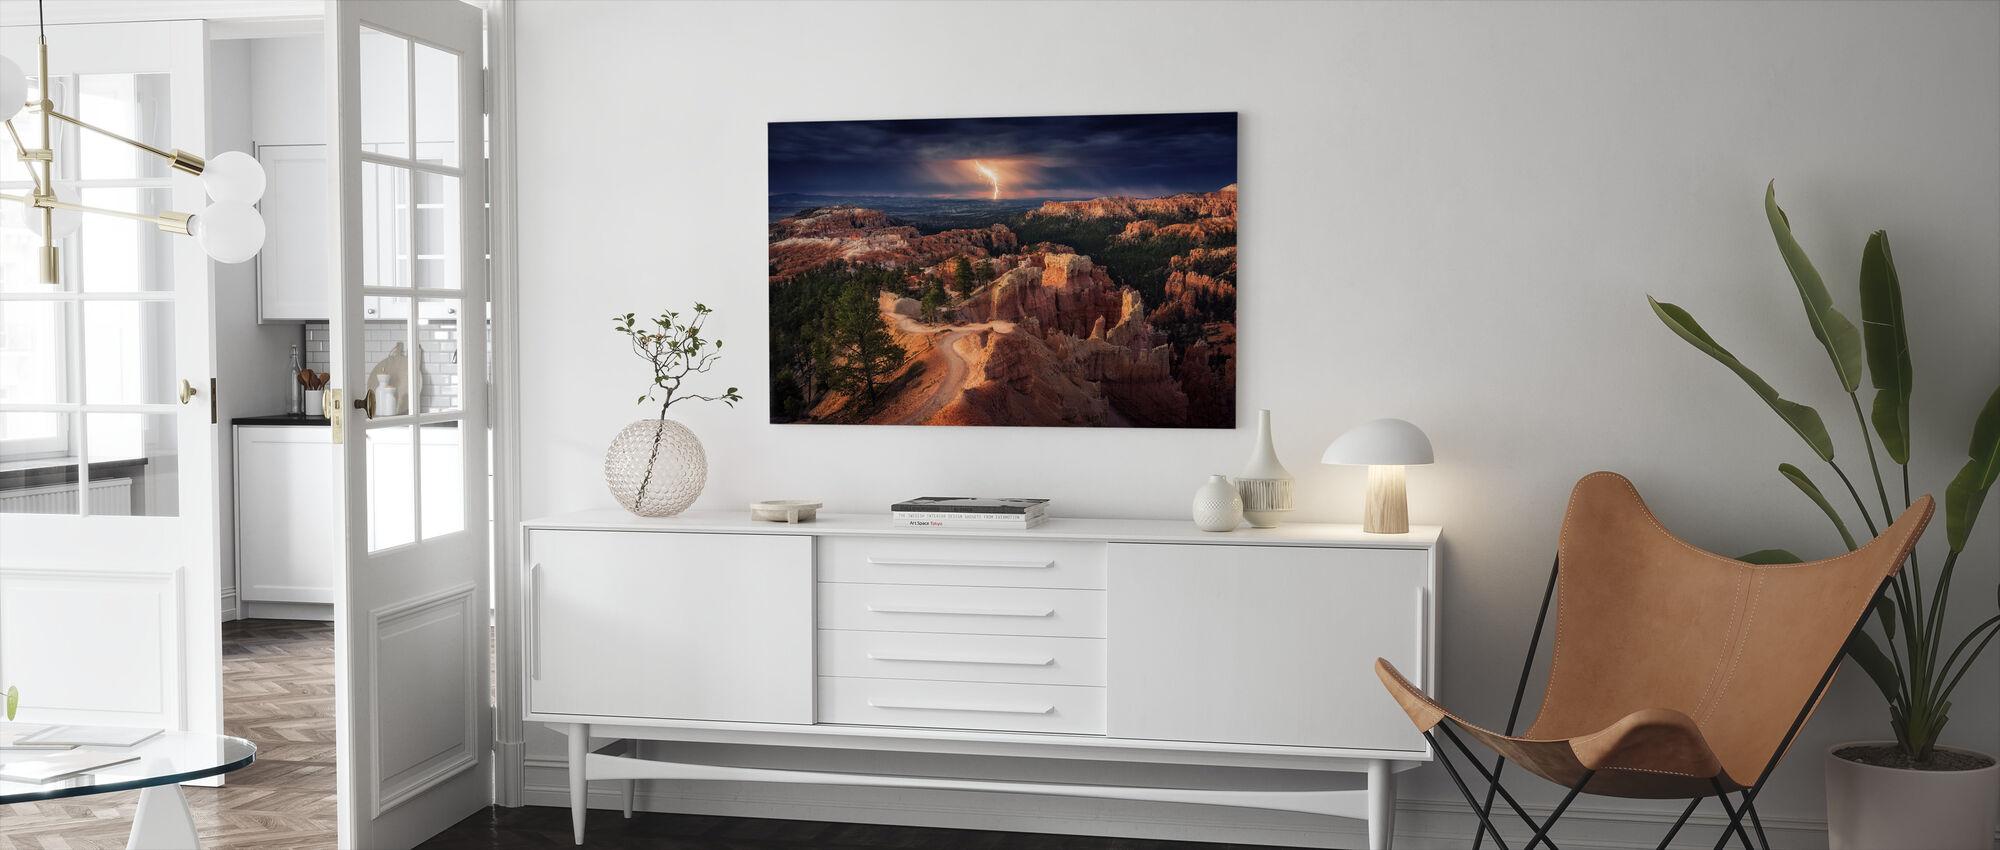 Blitz über Bryce Canyon - Leinwandbild - Wohnzimmer